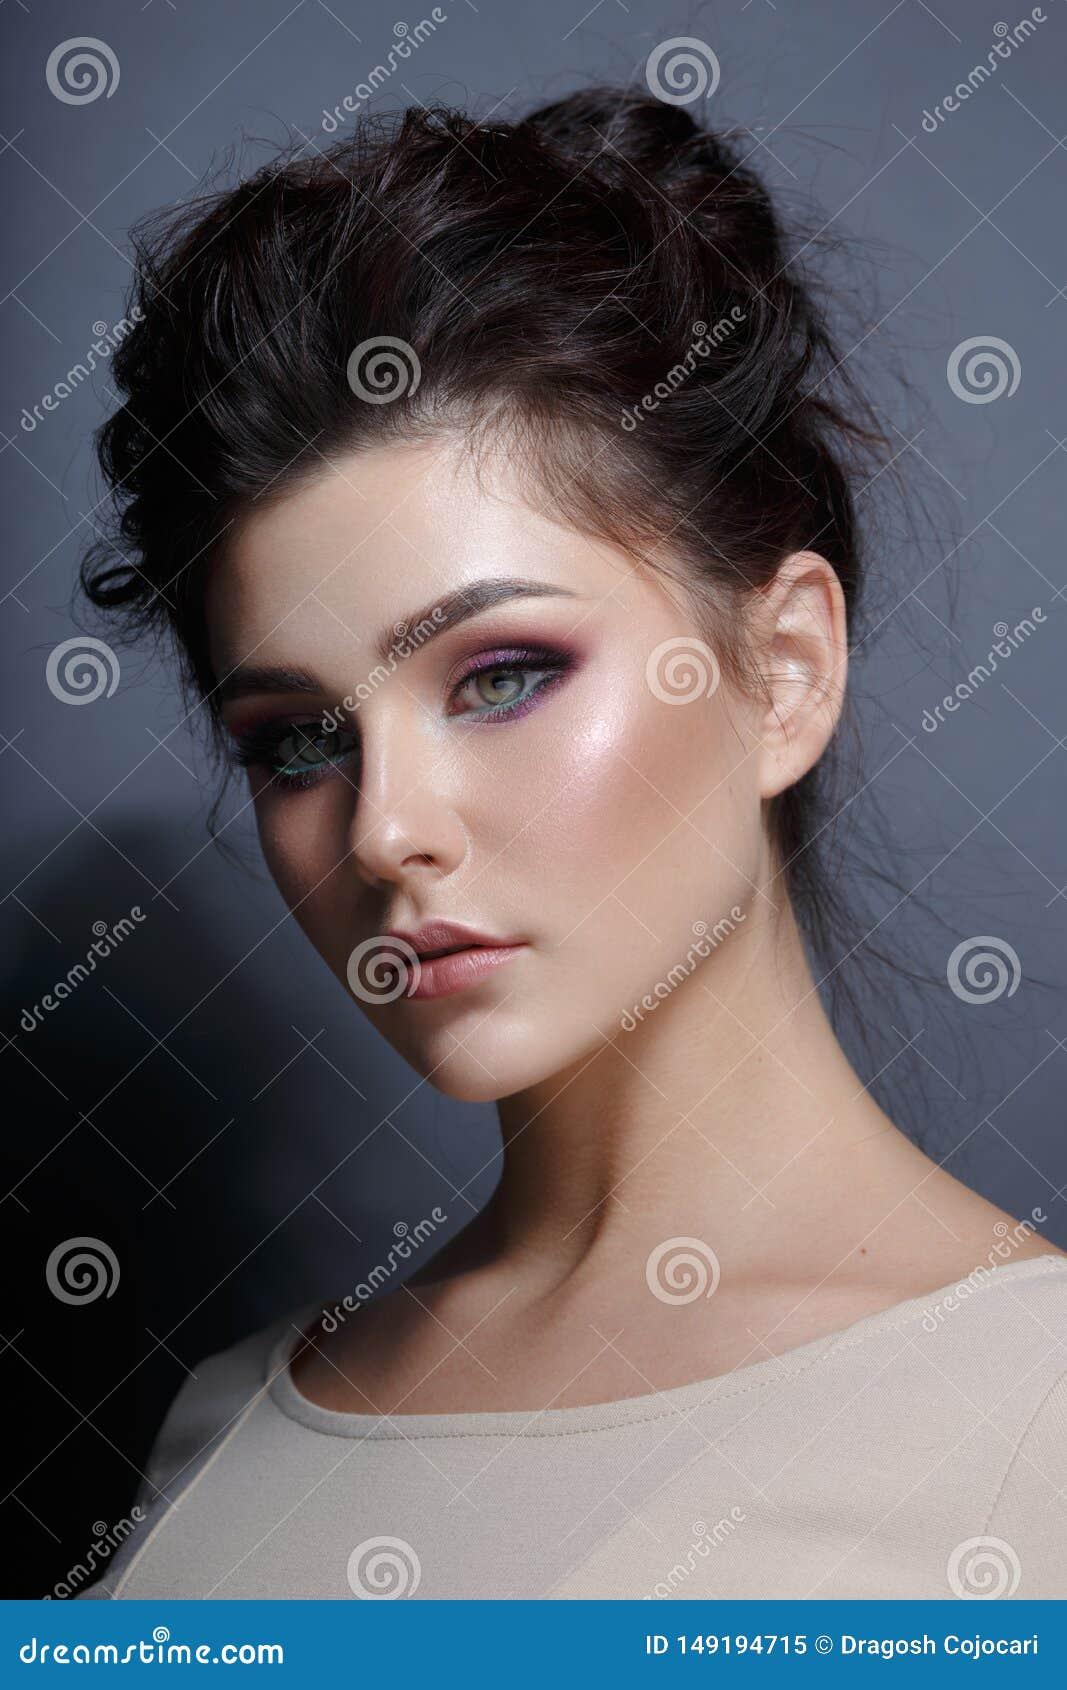 Profilportr?t einer w?rdevollen Frau mit superbe Make-up, Kamera betrachtend Vertikale Ansicht